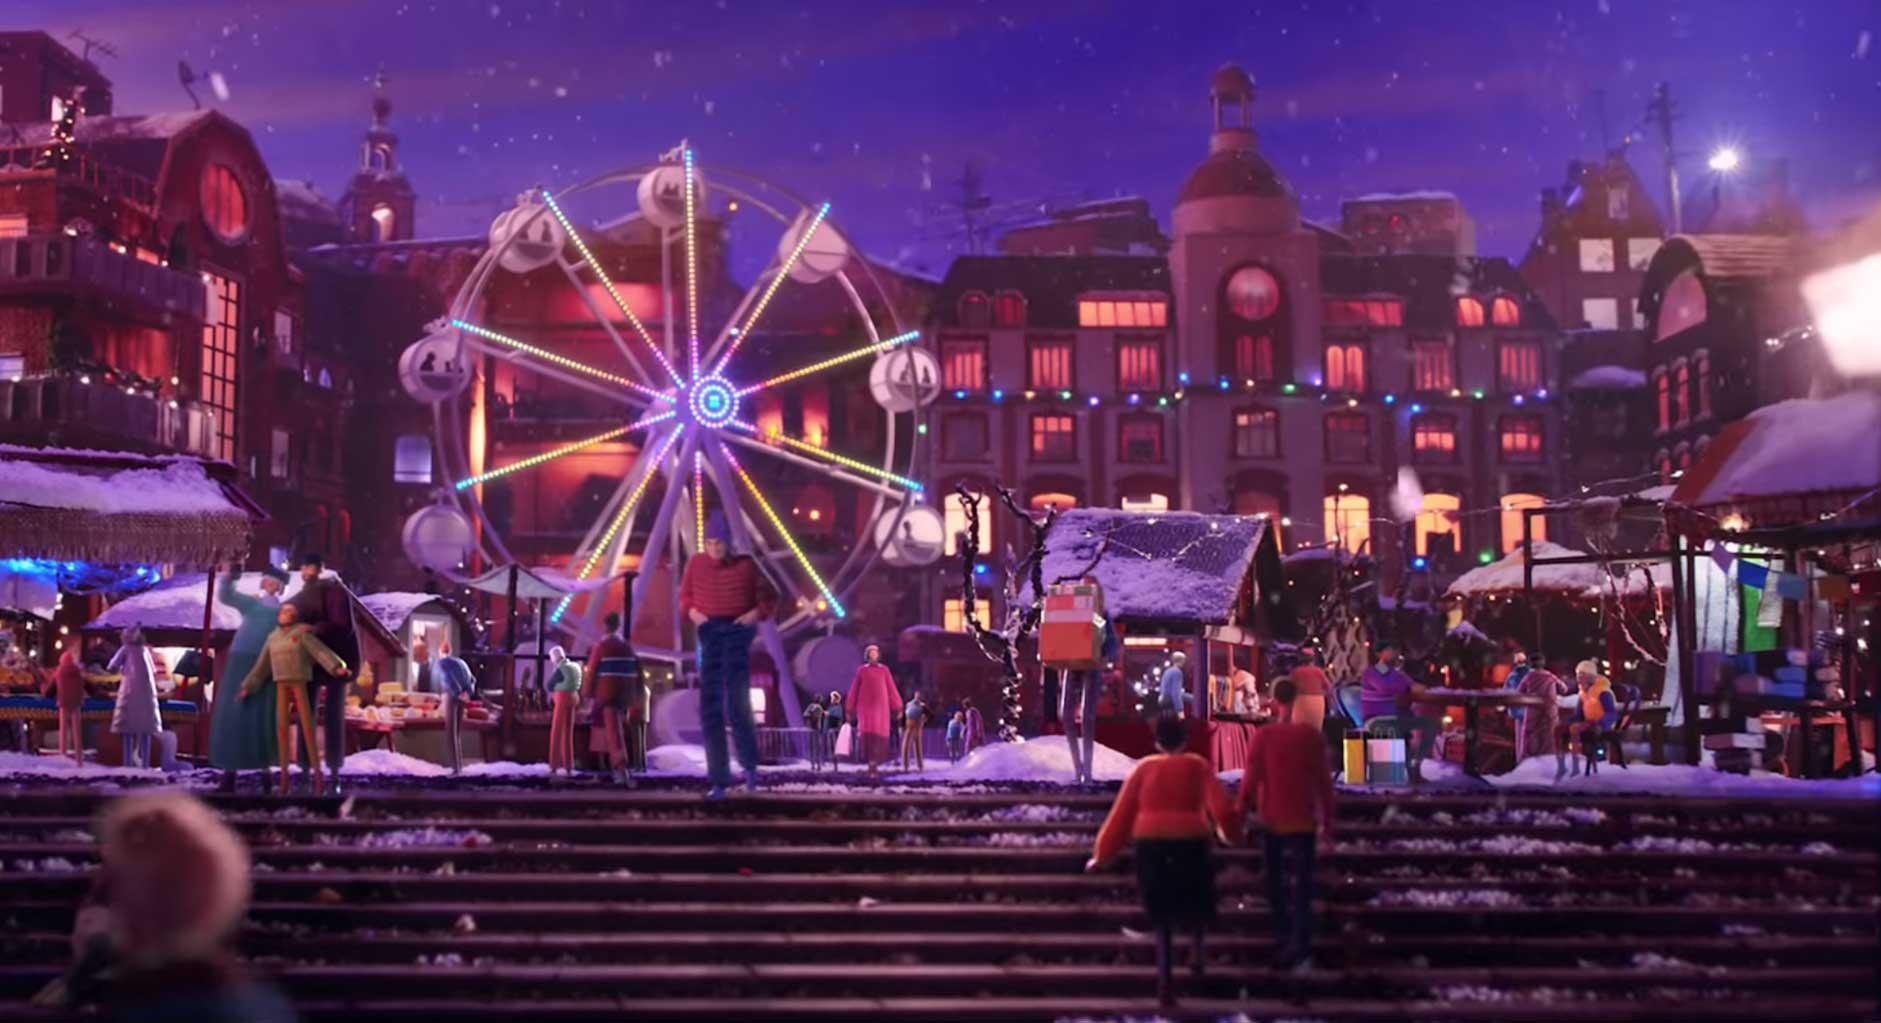 Town Square Festival